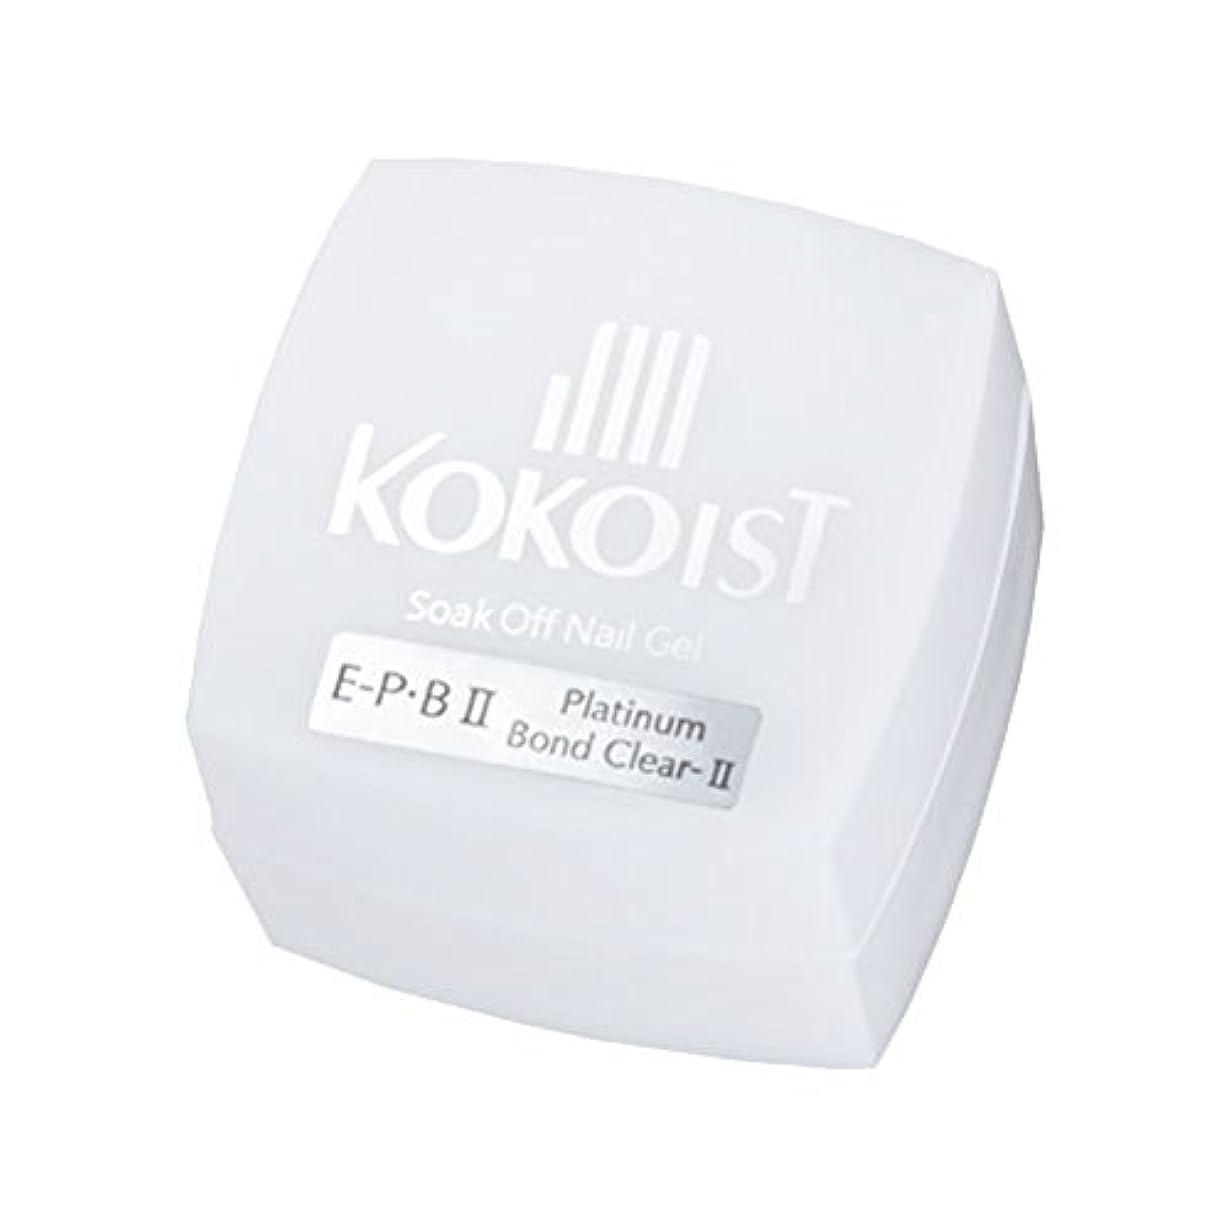 窒素謝罪する電球KOKOIST フ゜ラチナホ゛ント゛II 4g ジェル UV/LED対応